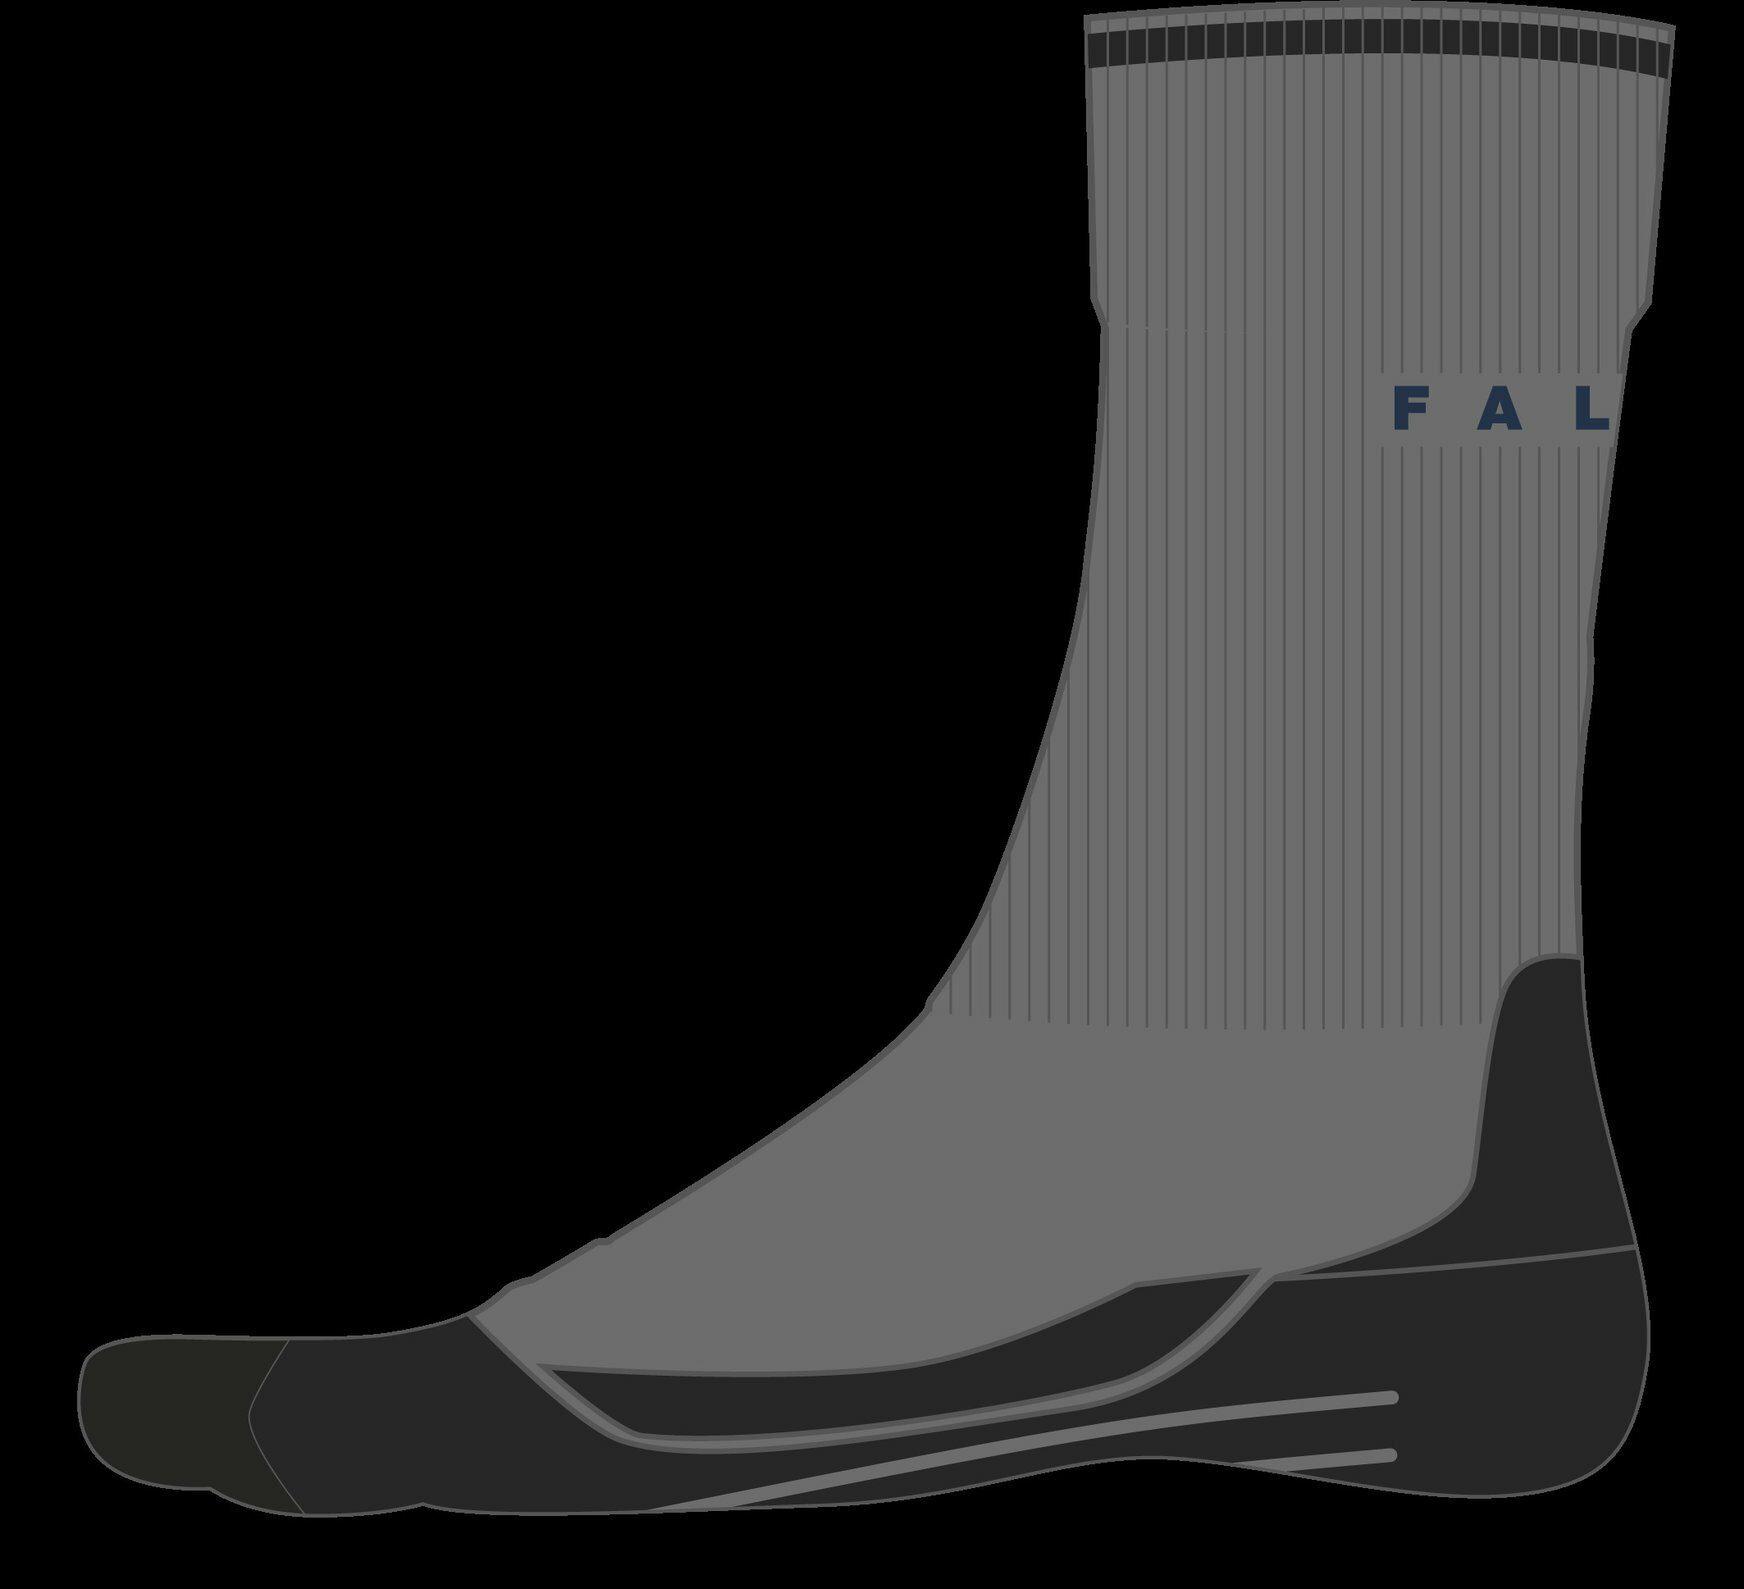 Falke Sokken Tk2 Wool Silk Online Kopen - Geweldige Prijs